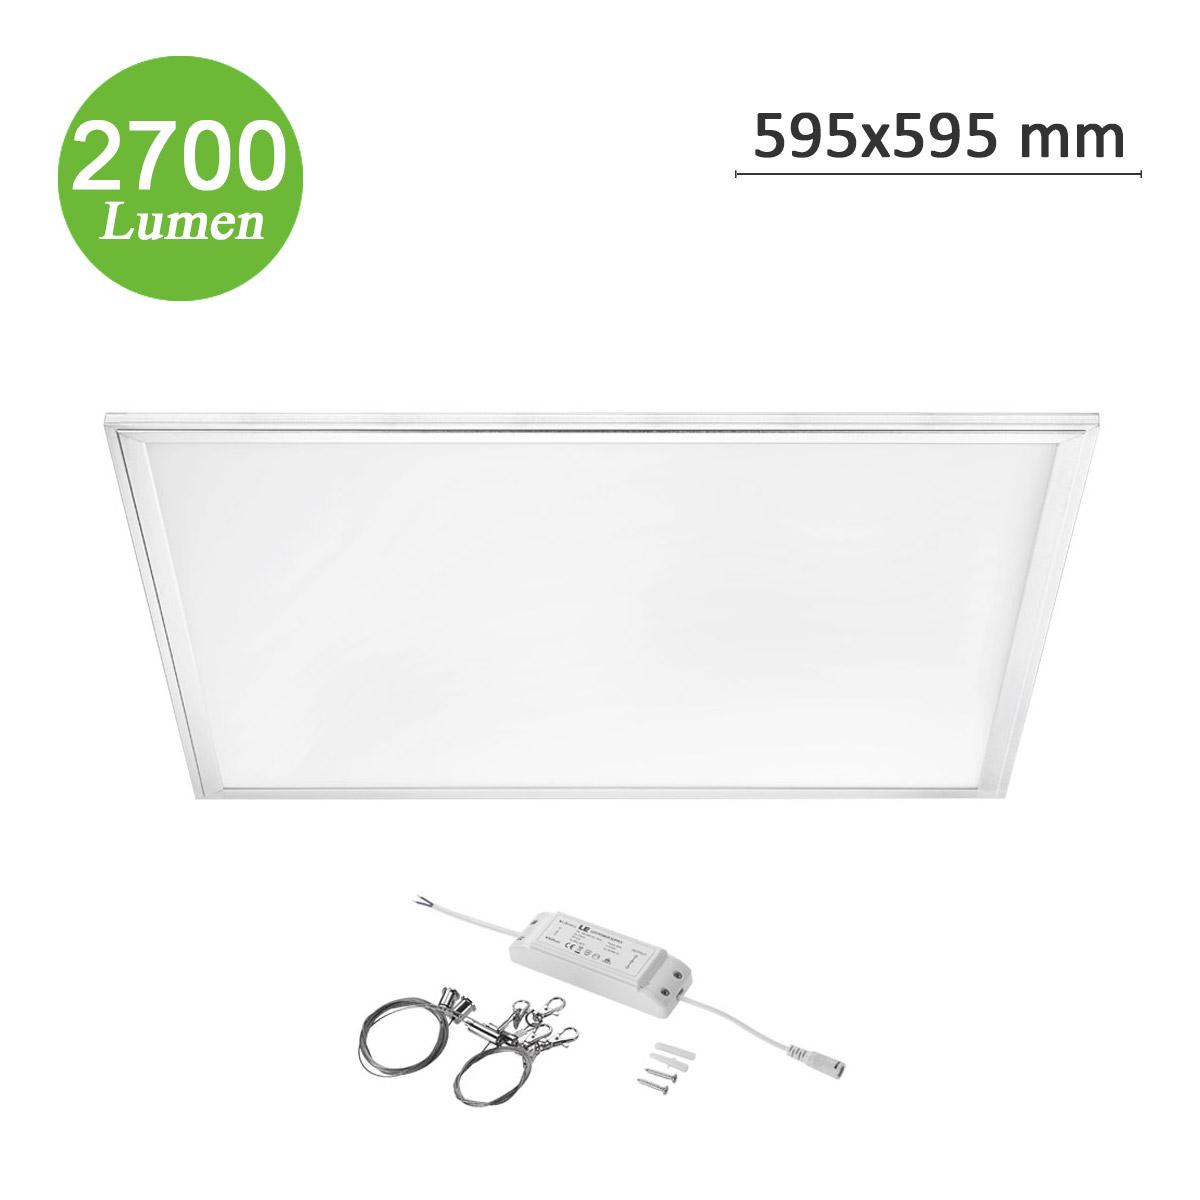 36W LED Panel, 595 x 595mm Warmweiß, Deckenleuchte Flach, 2700lm, Ersatz für 80W Leuchtstoffrßhren, Pendelleuchte / Decke Einbau